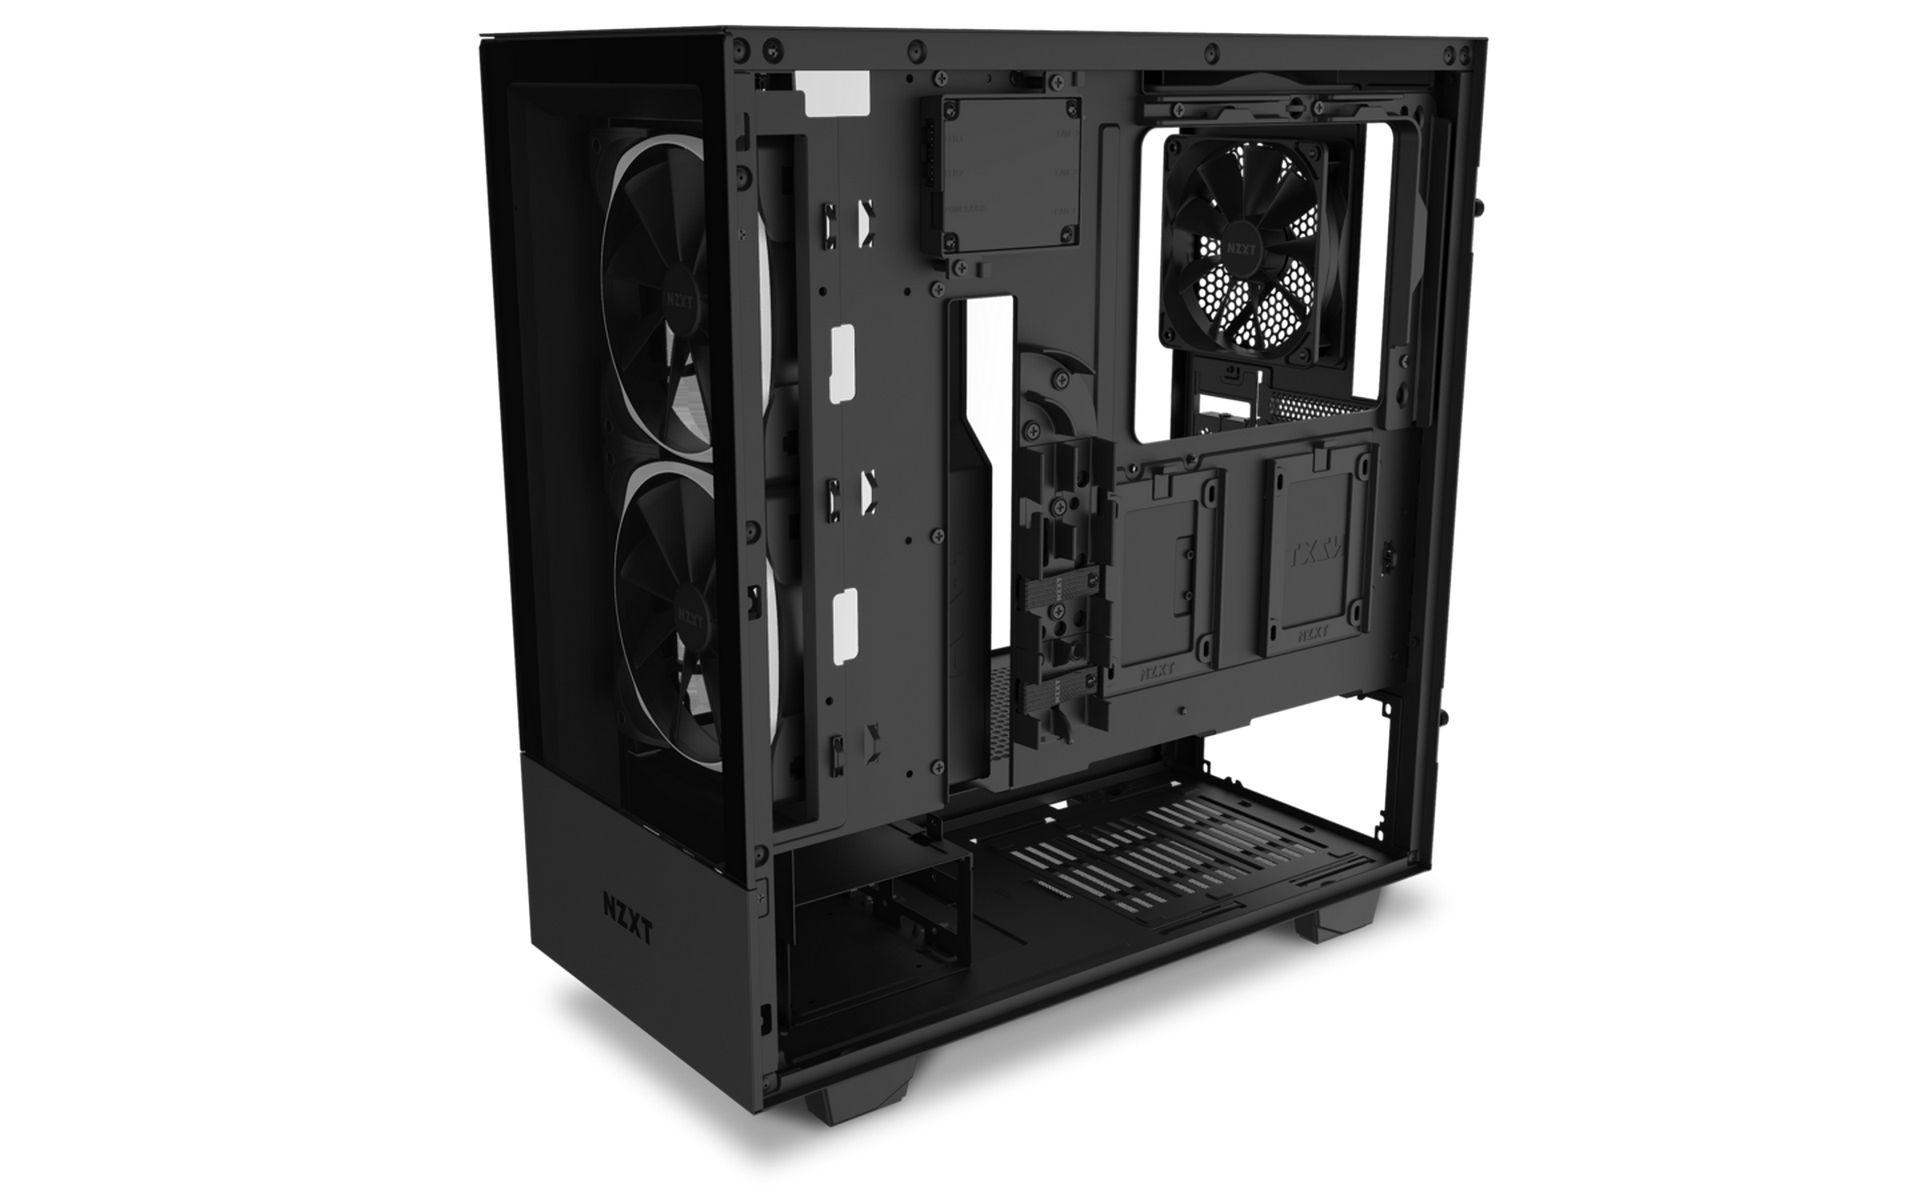 NZXT H510 Elite MATTE BLACK có giá đỡ bộ tản nhiệt có thể tháo rời